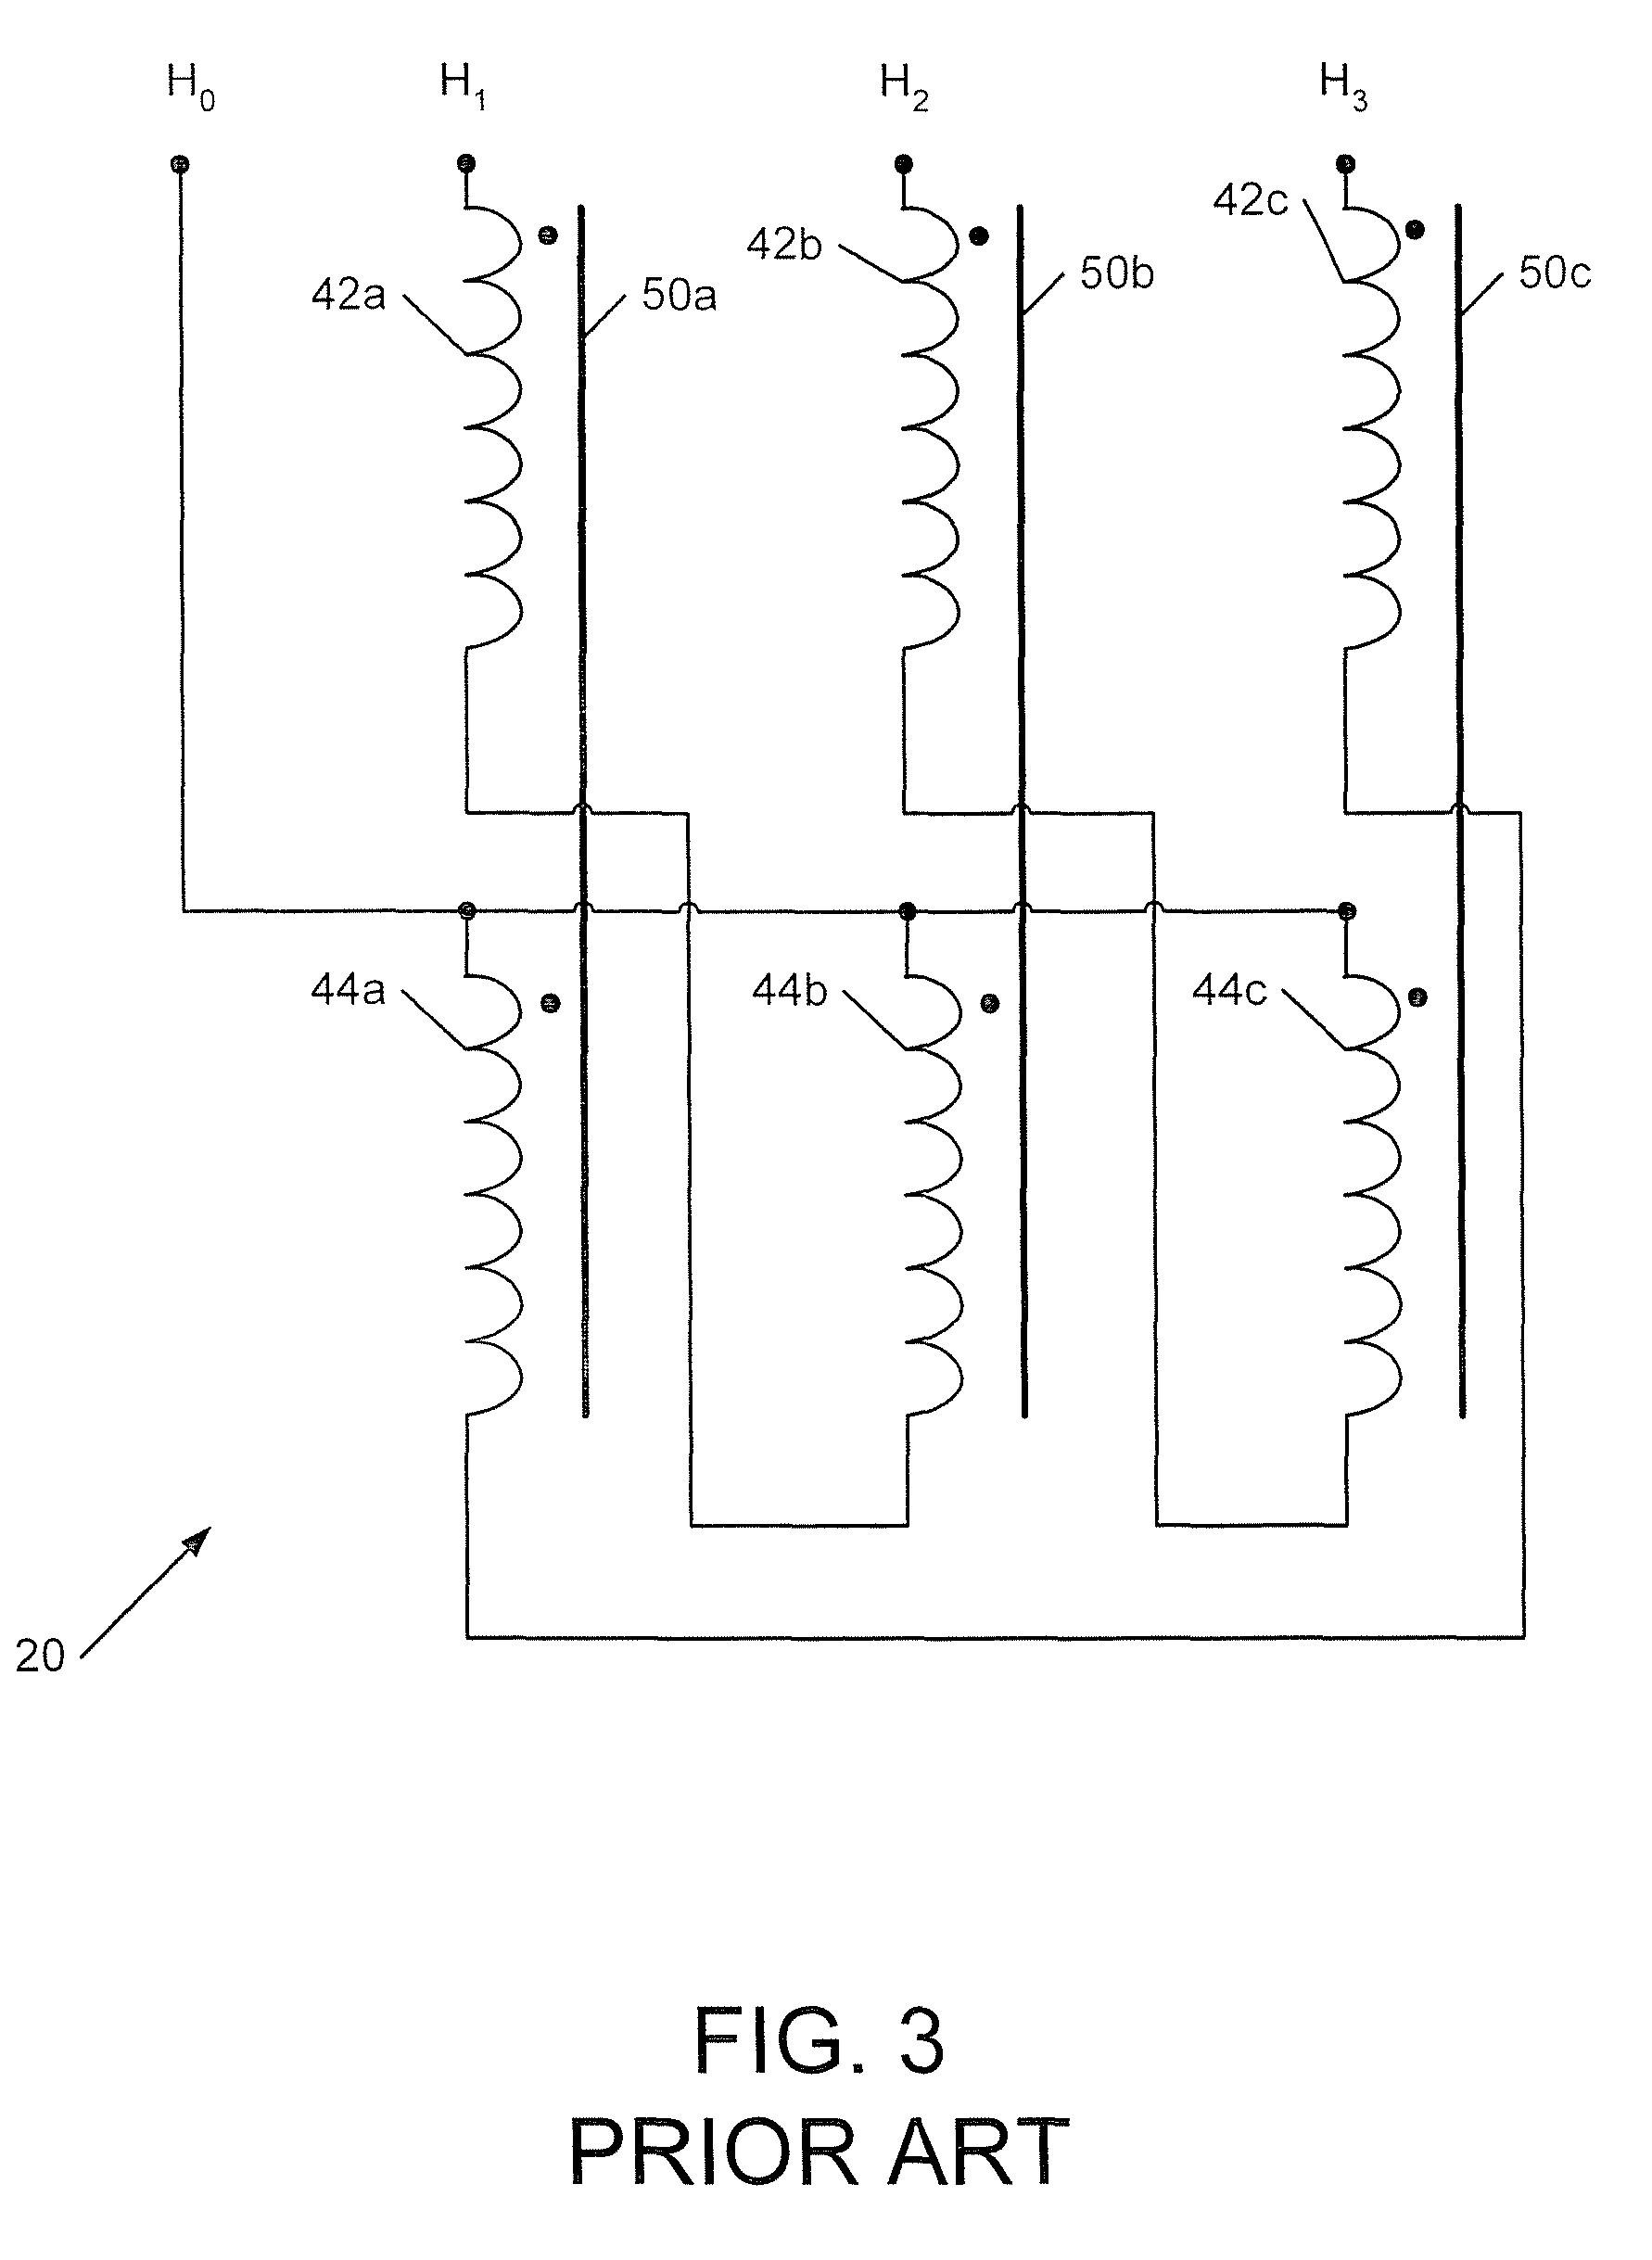 powerstat wiring diagram Download-Wiring Diagram Auto Transformer Starter Refrence Enchanting Autotransformer Wiring Diagram Inspiration Simple 18-n